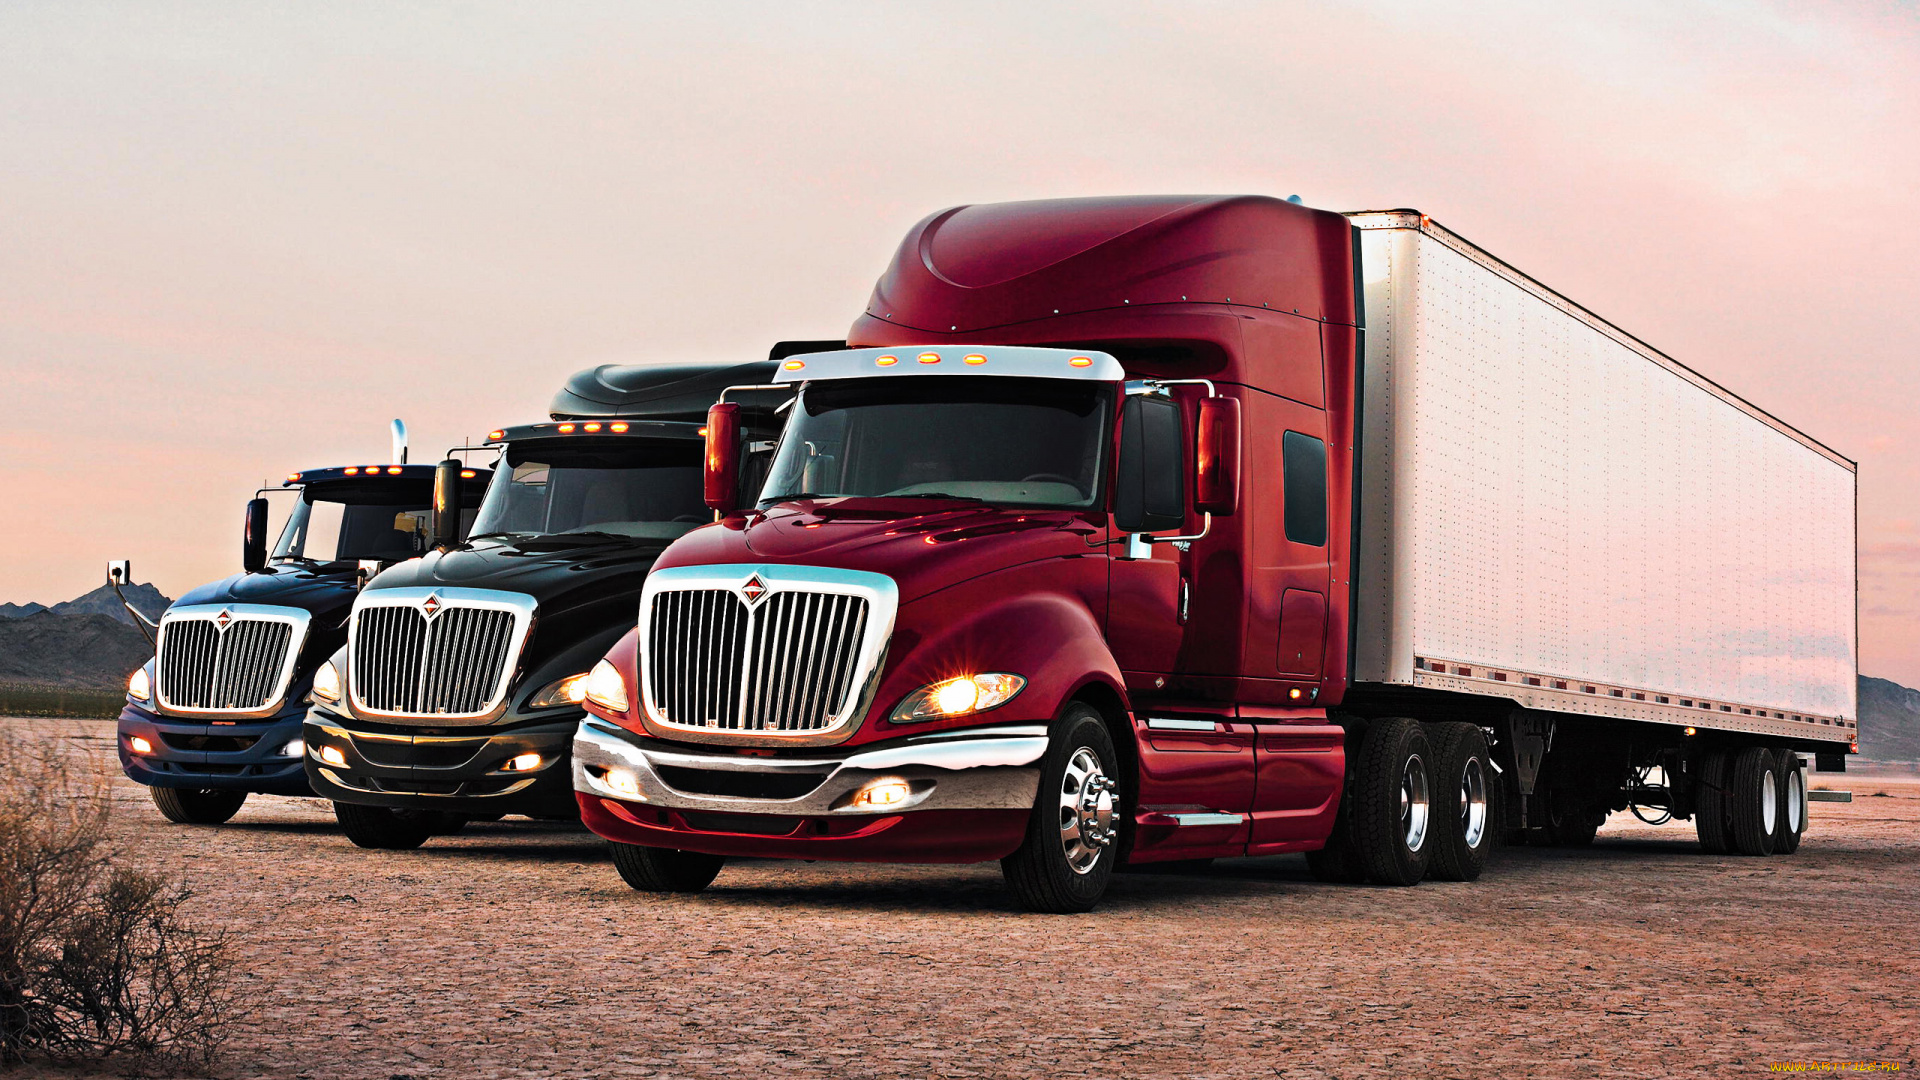 Любимому, картинки с грузовым автомобилем